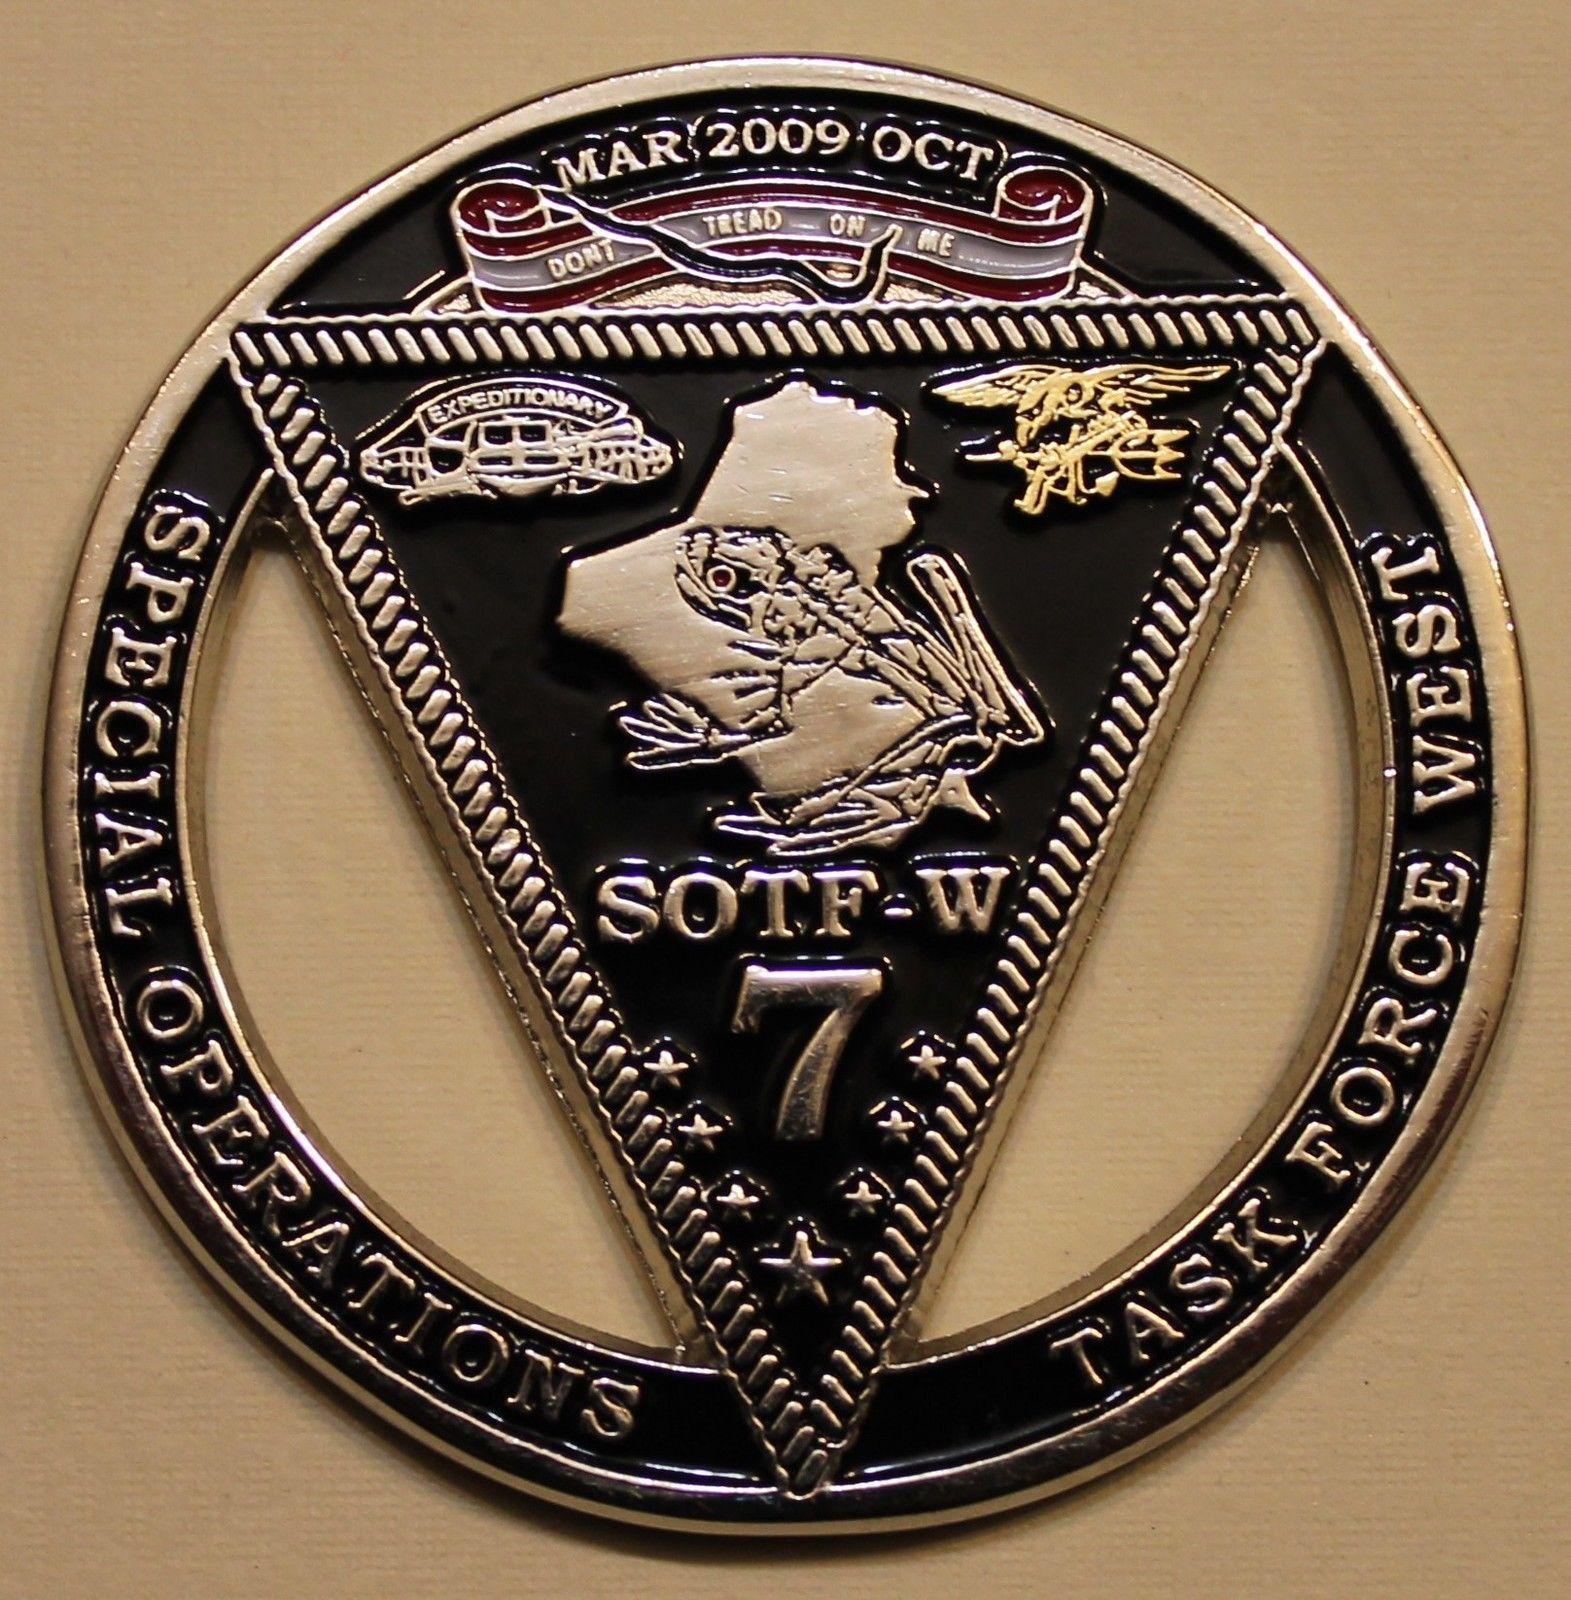 Seal Teams Seven Amp Ten Special Warfare Sotf W Navy